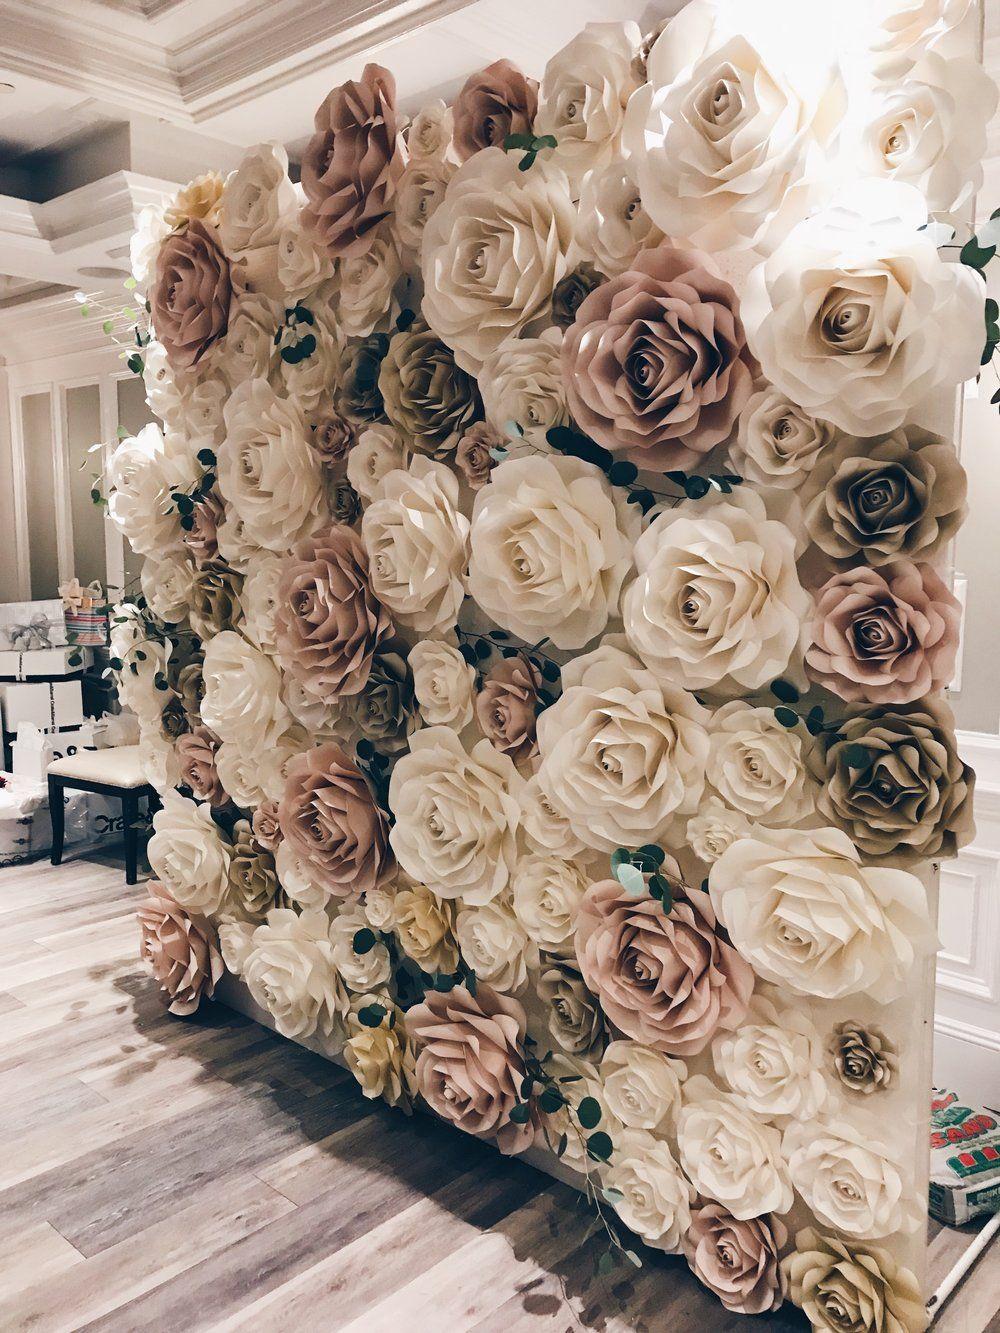 rose wallnew york paper flowers in 2019 | wedding